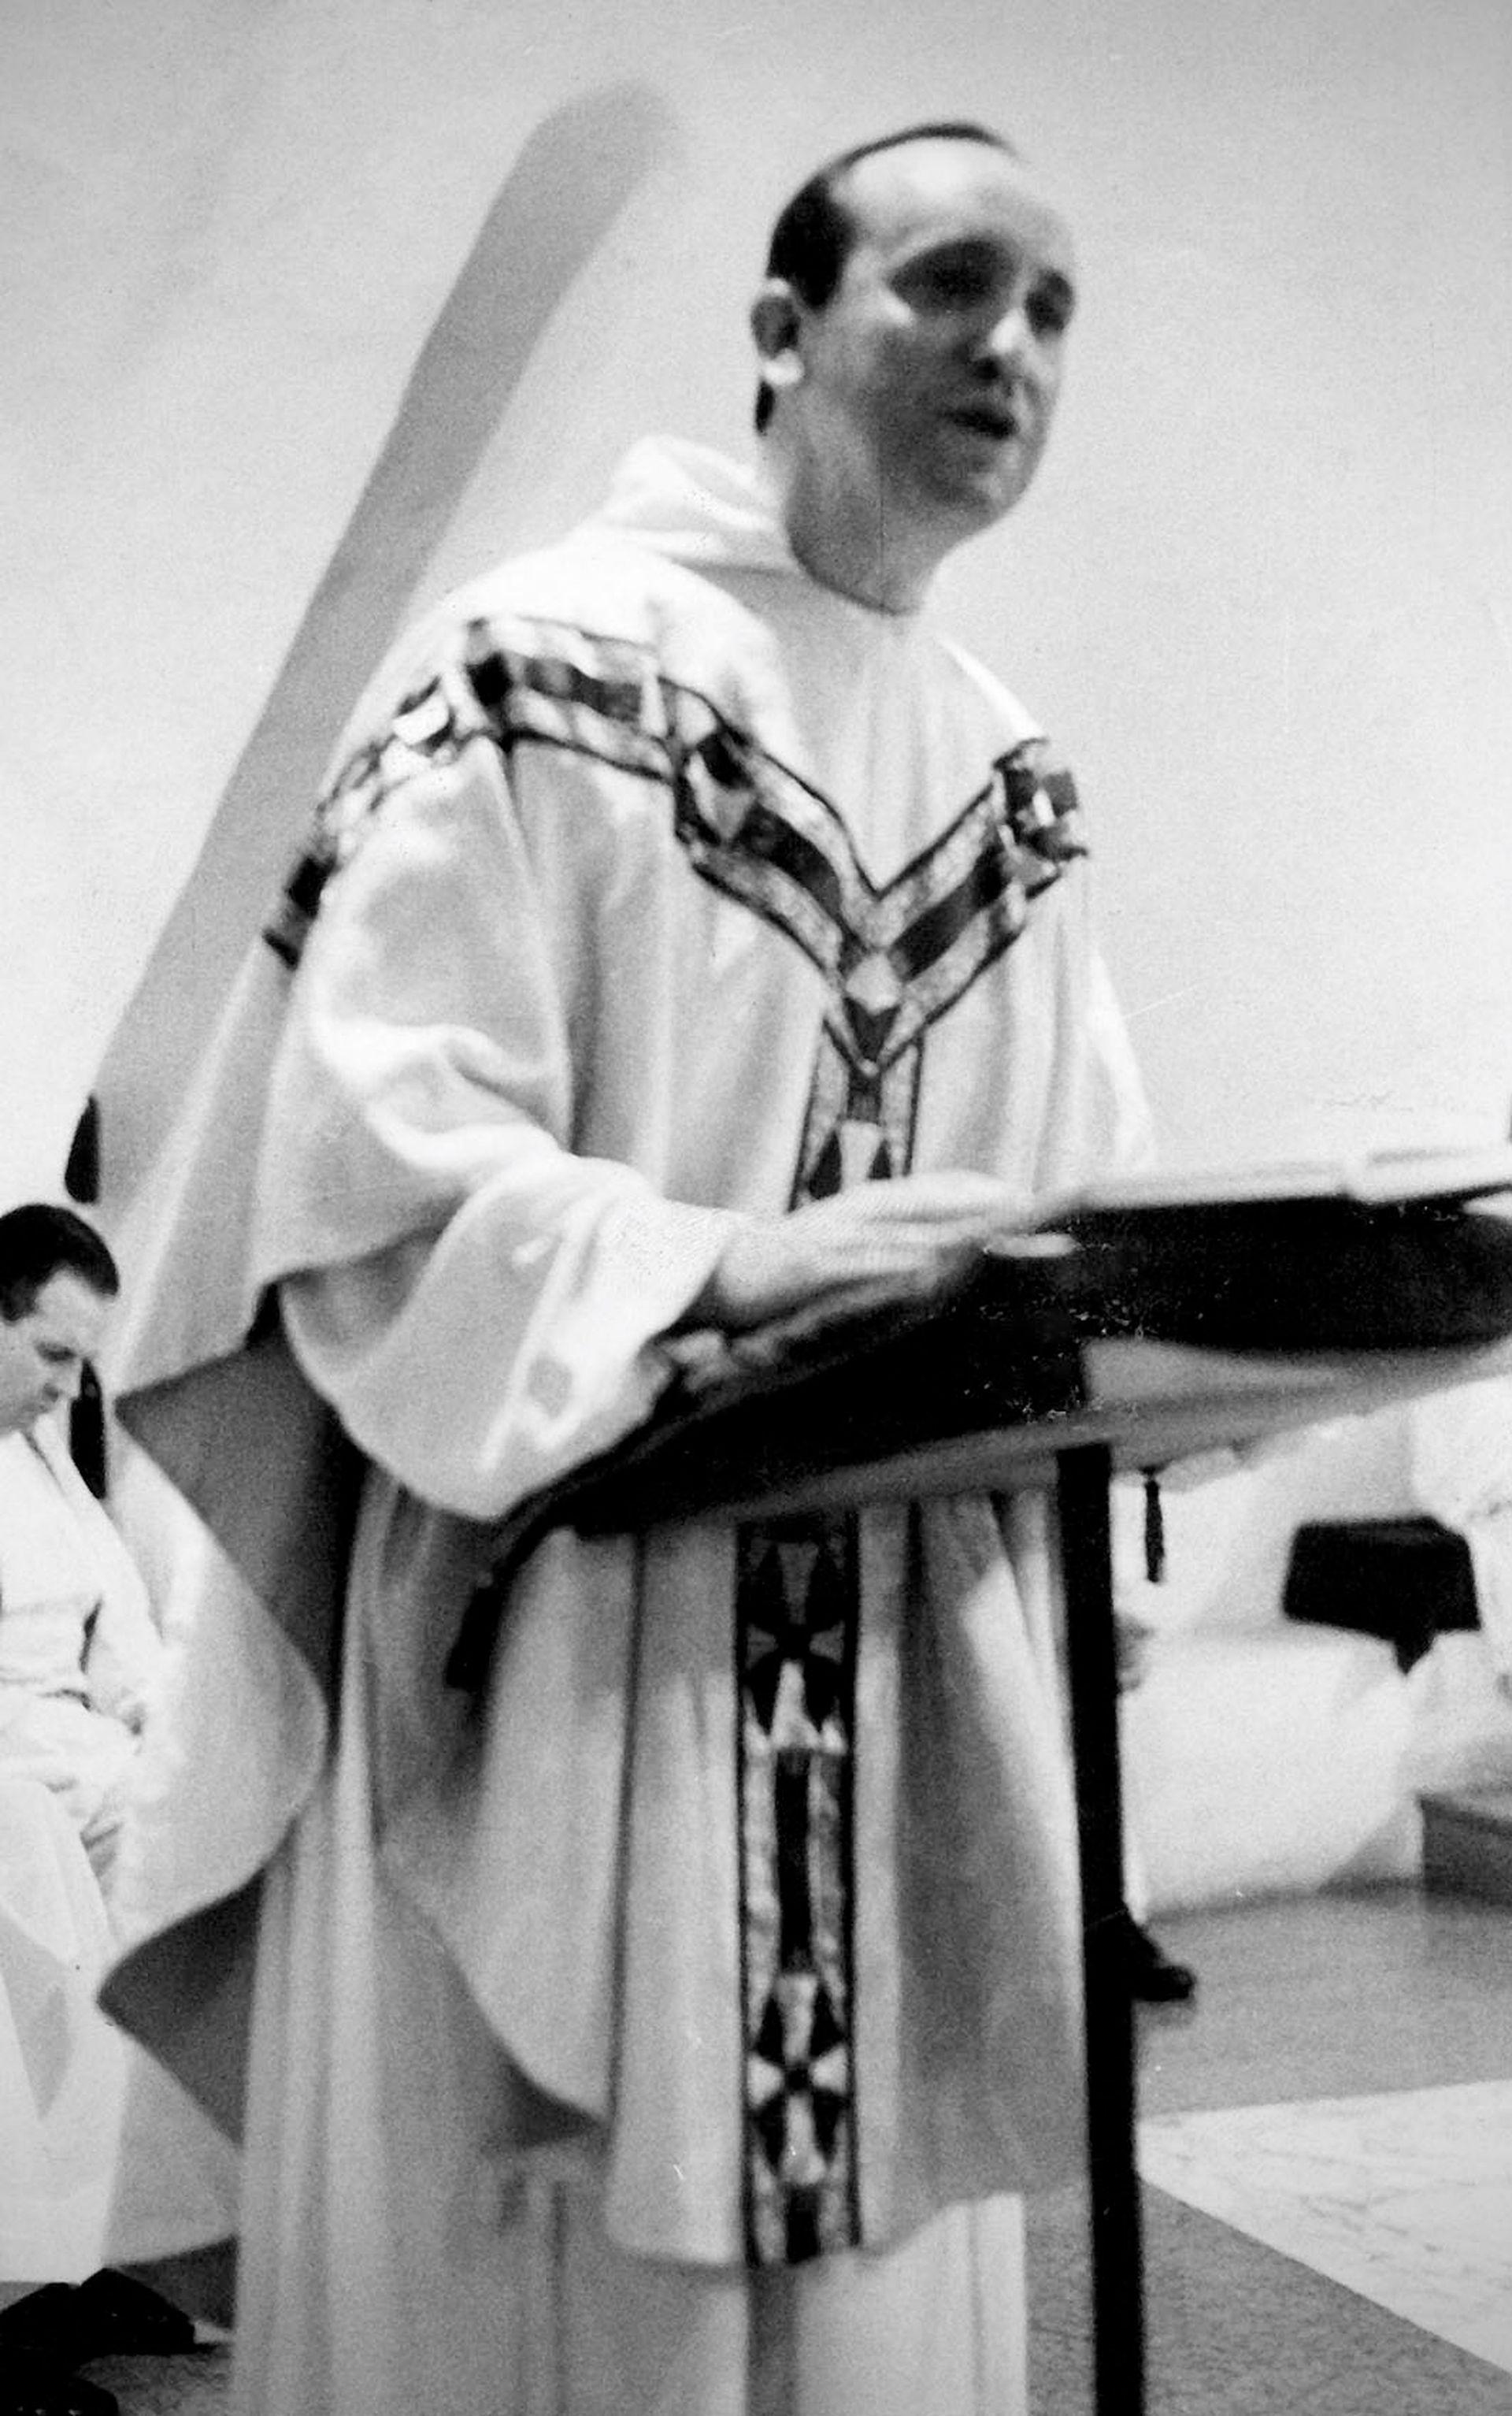 Treinta y cuatro años después de la cirugía, Jorge Bergoglio invitó a Parodi al Vaticano